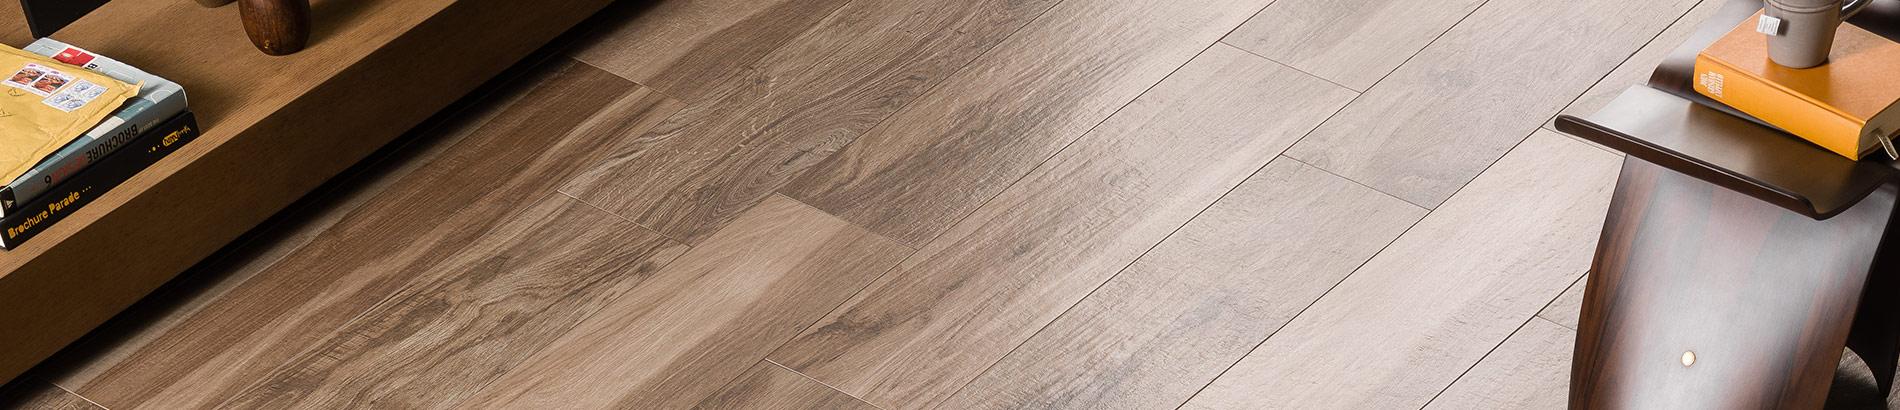 Fliesen in Holzoptik Holzfliesen Fliesen in Holzdesign